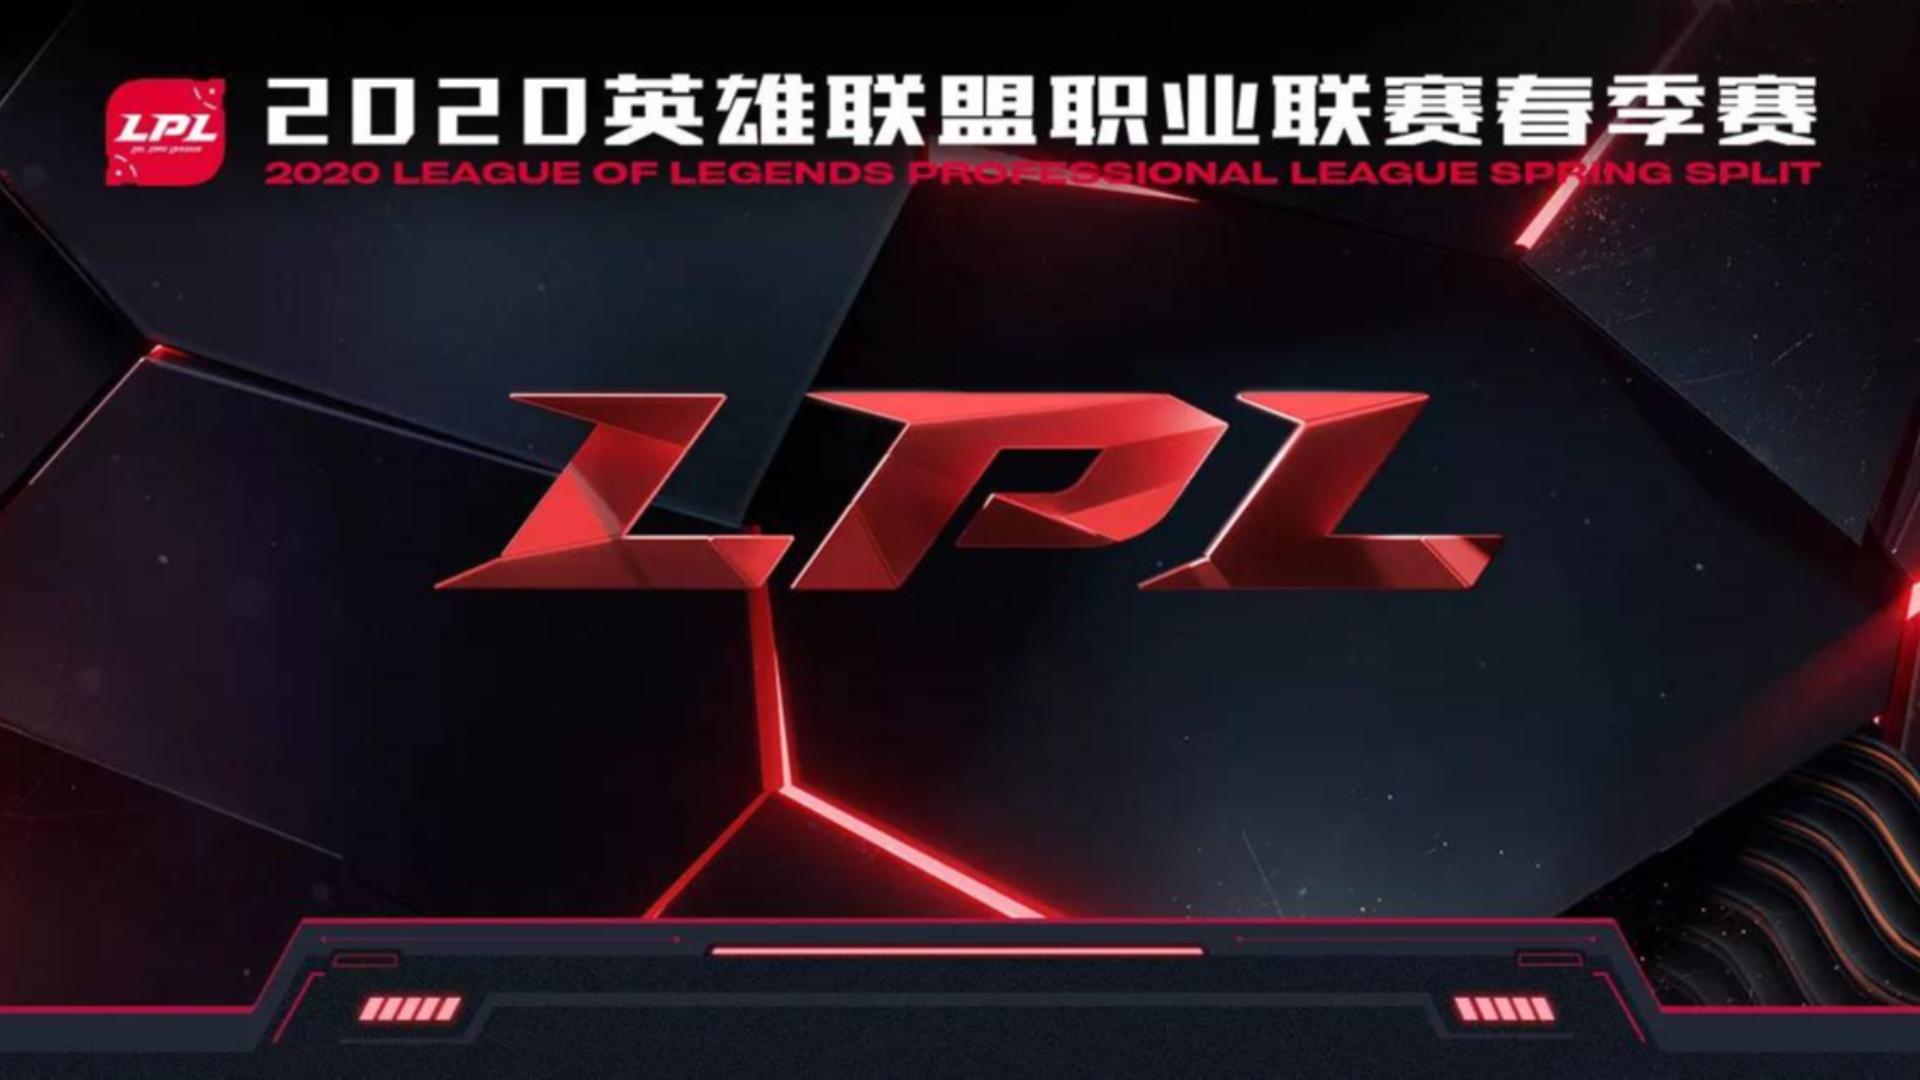 快速看完2020 LPL 春季赛半决赛 JDG vs FPX